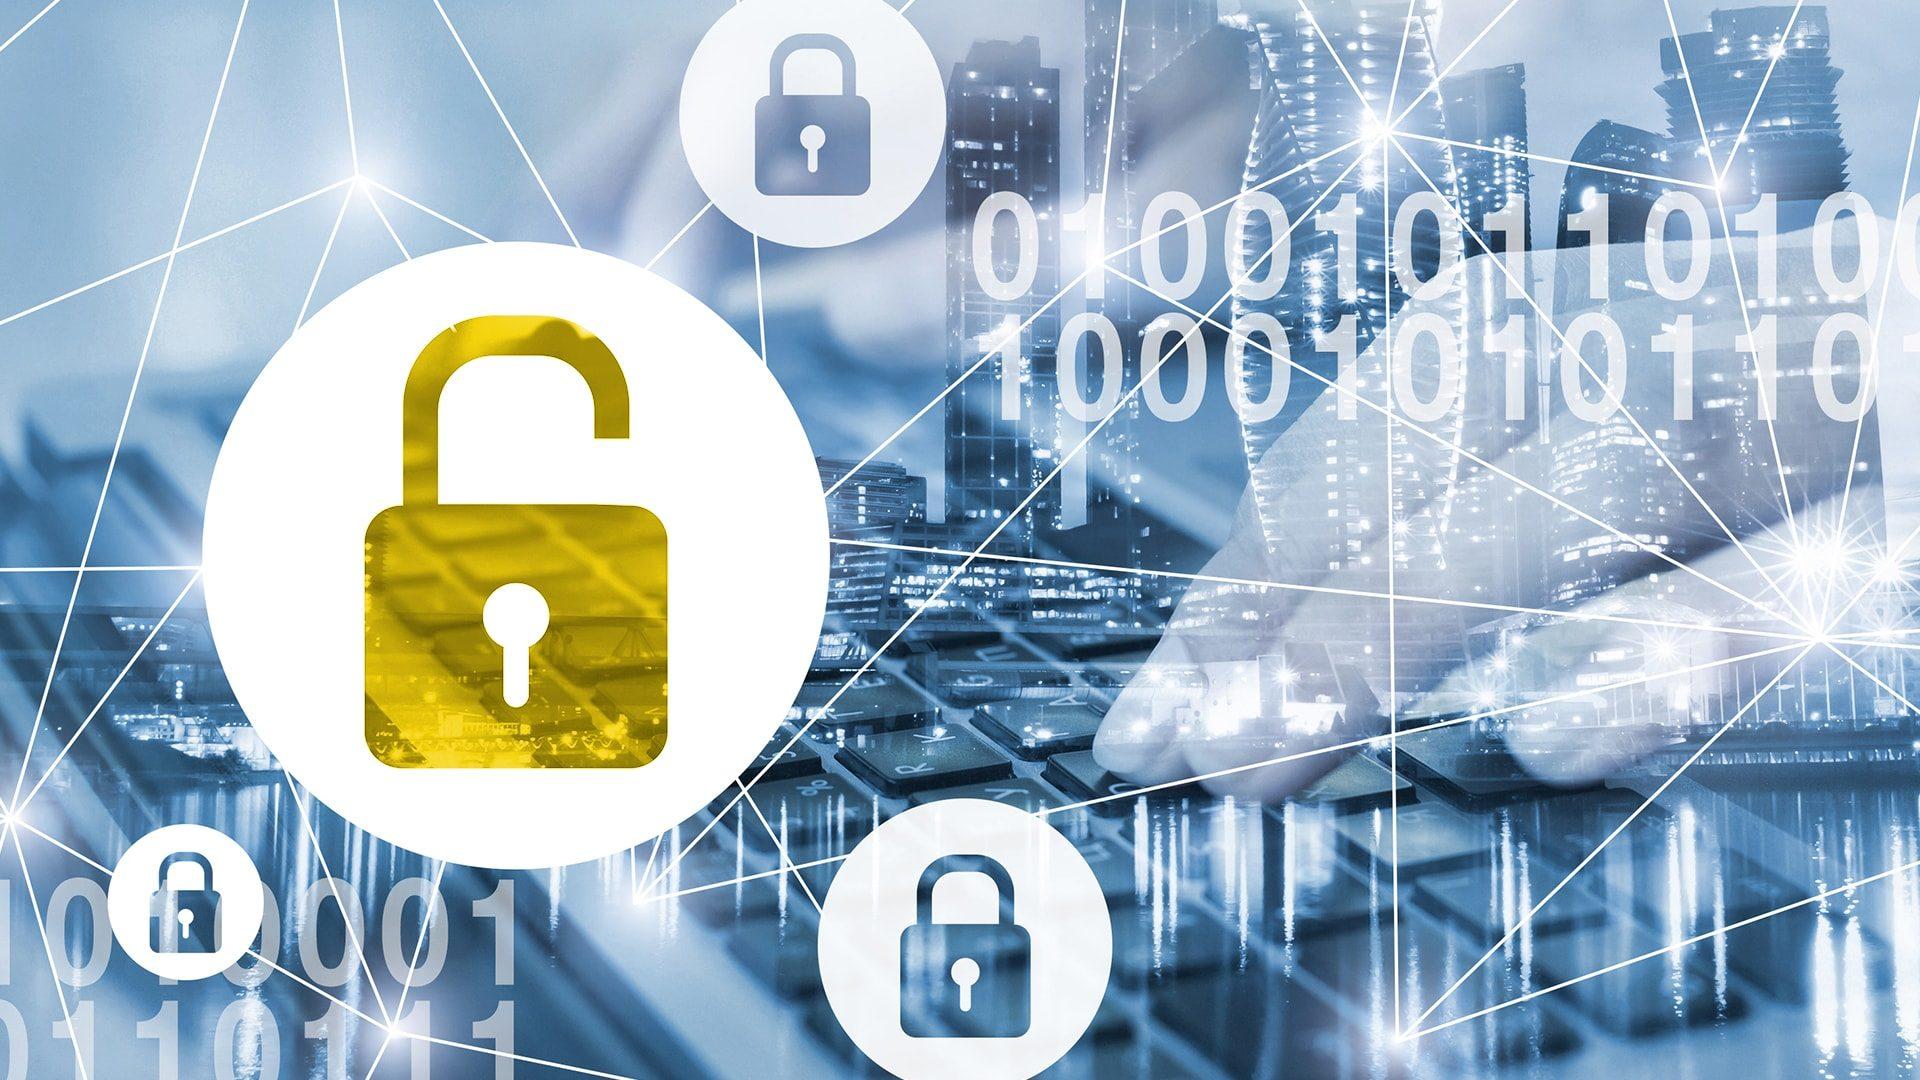 A Lei Geral de Proteção de Dados entrou em vigor. <br/>E agora?